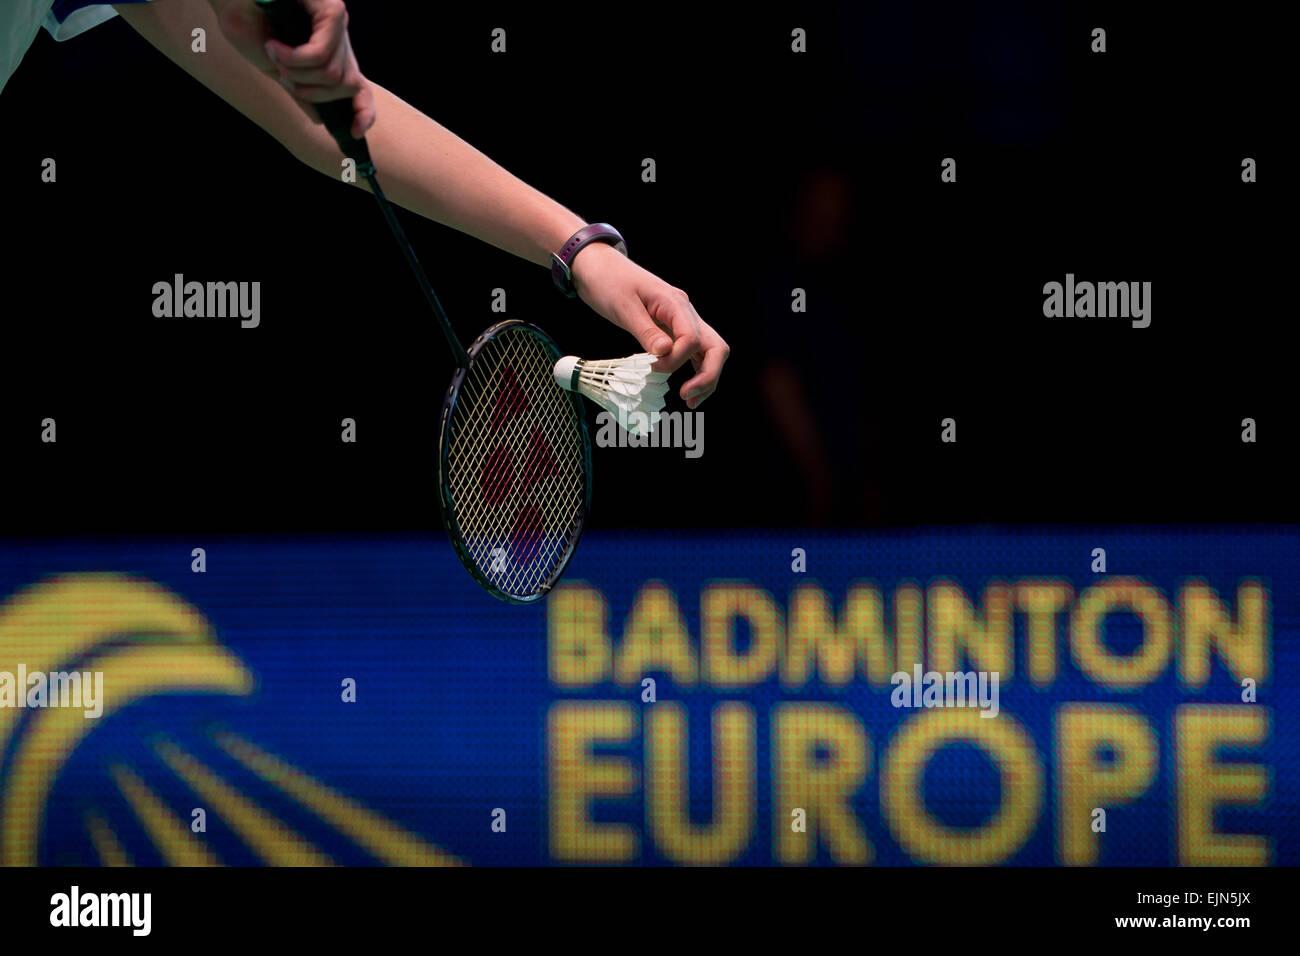 Lubin, Polonia. 29 Mar, 2015. Semifinal del torneo de equipos en badminton durante el Campeonato Junior Europeo Imagen De Stock